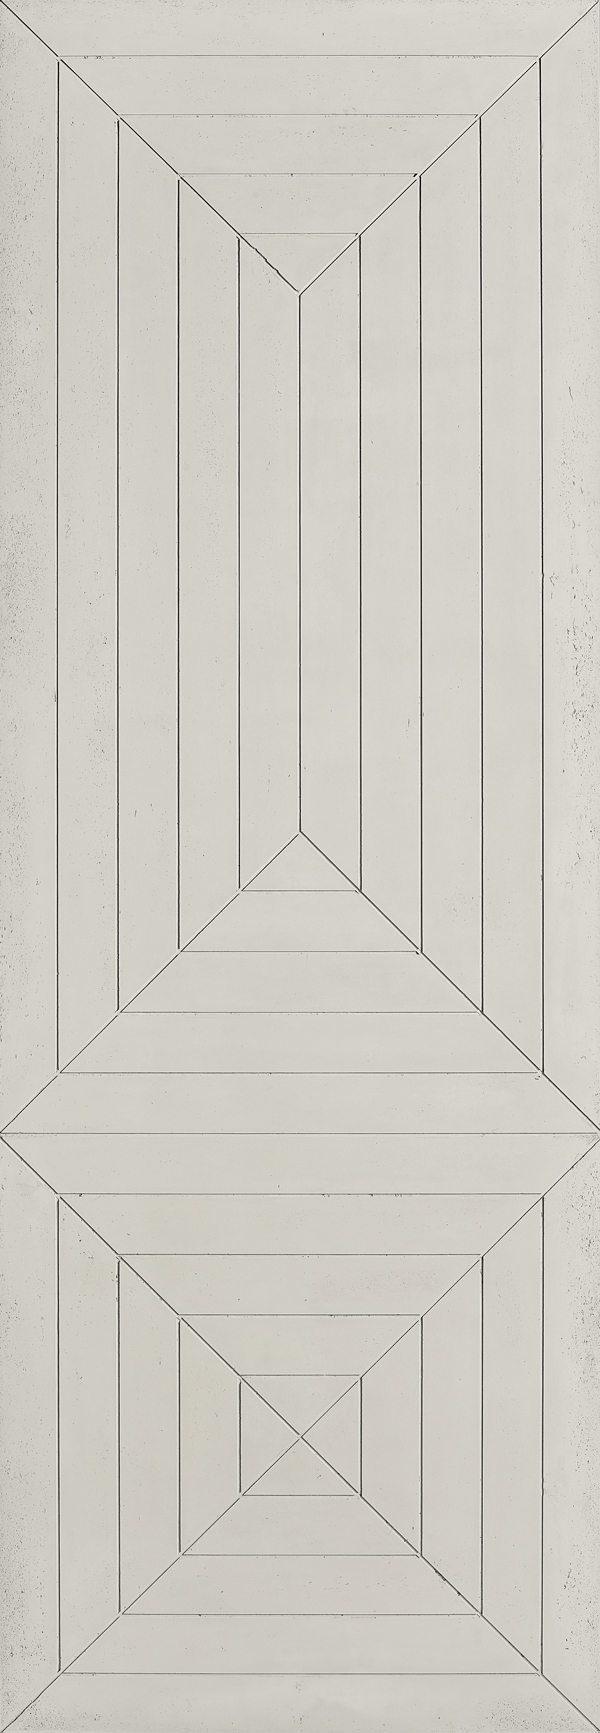 Panbeton, un pan en béton déssiné par Ich&Kar. Moderne, un pan de mur en béton dont le graphisme d'inspire des années trente et du Op Art. Un parti-pris simple aux lignes fortes. Création pour la société Concrete LCDA.